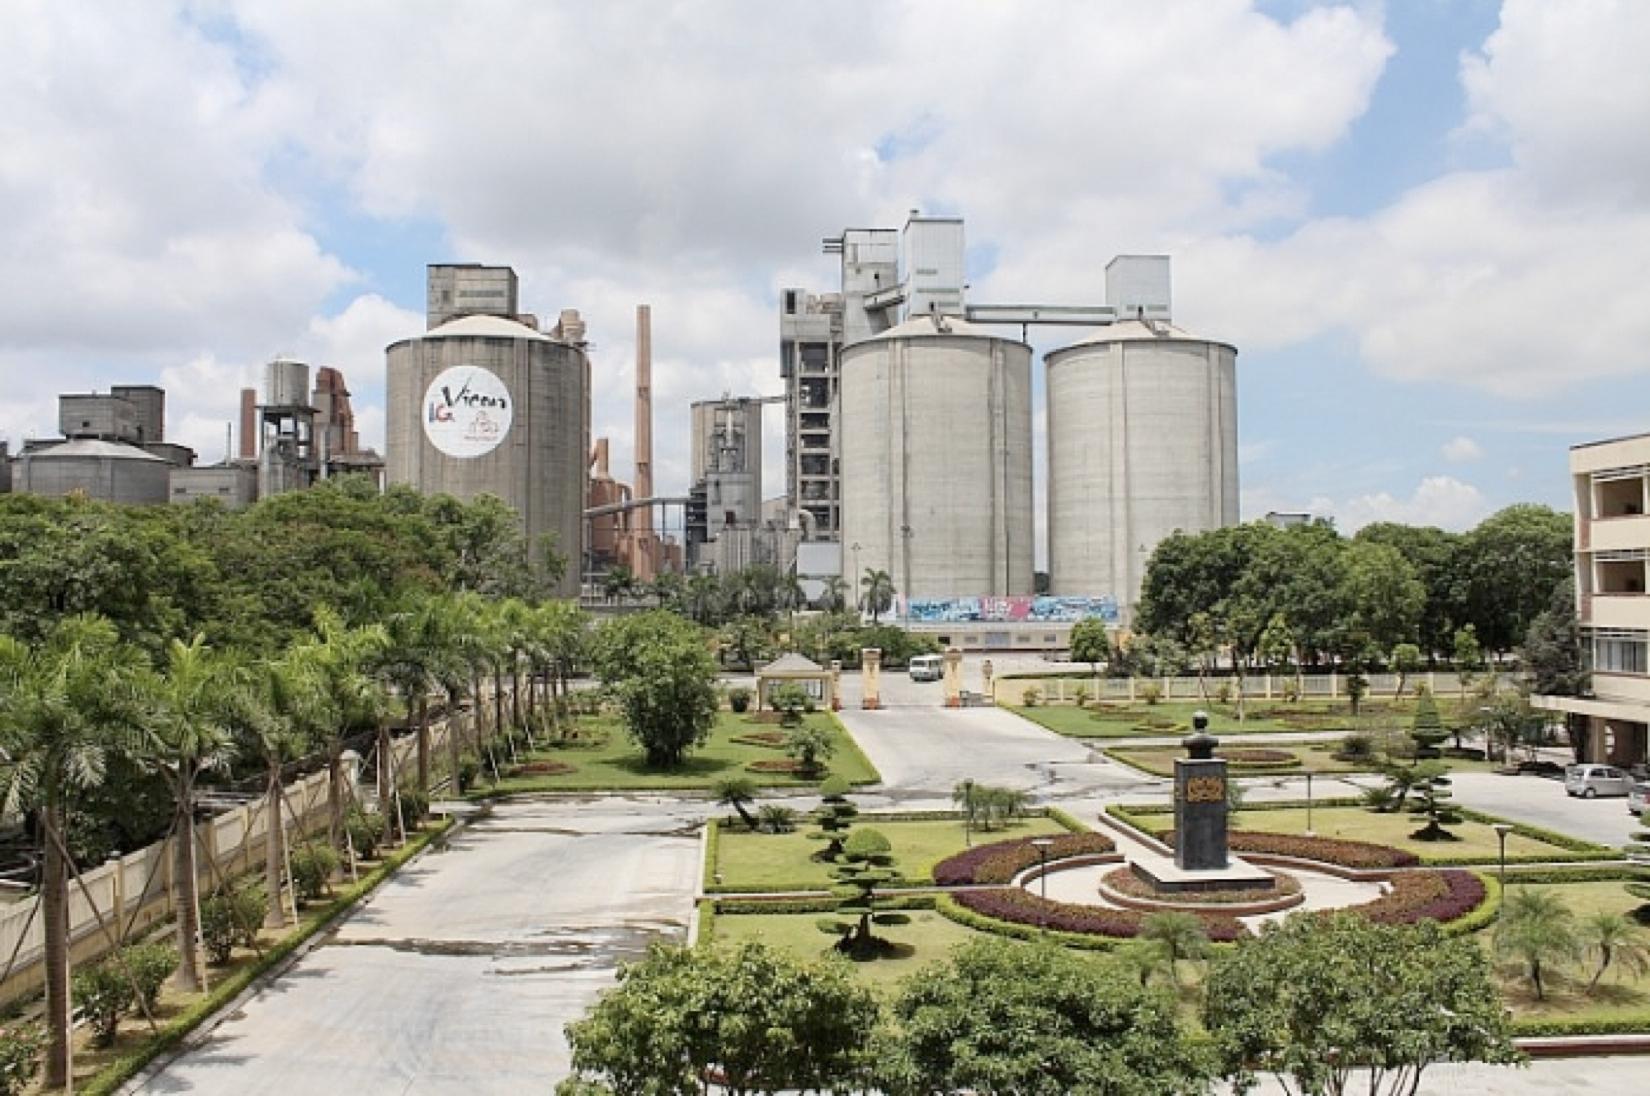 Nhà máy Vicem Hoàng Thạch bị phong toả, Bộ Xây dựng chỉ đạo quyết liệt